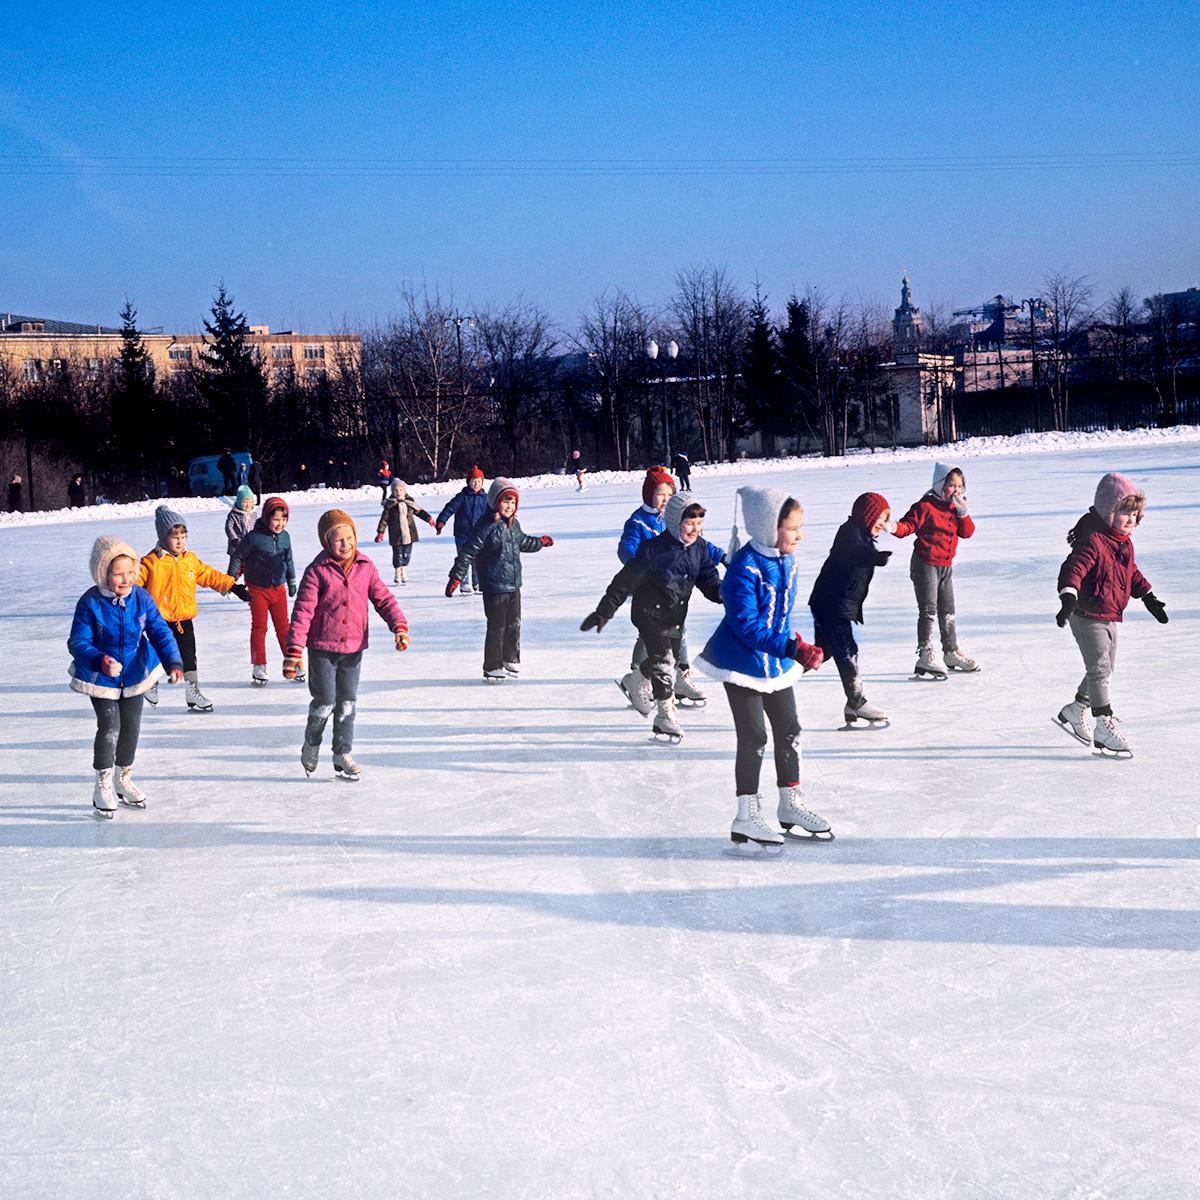 フィギュアスケート学校のトレーニング